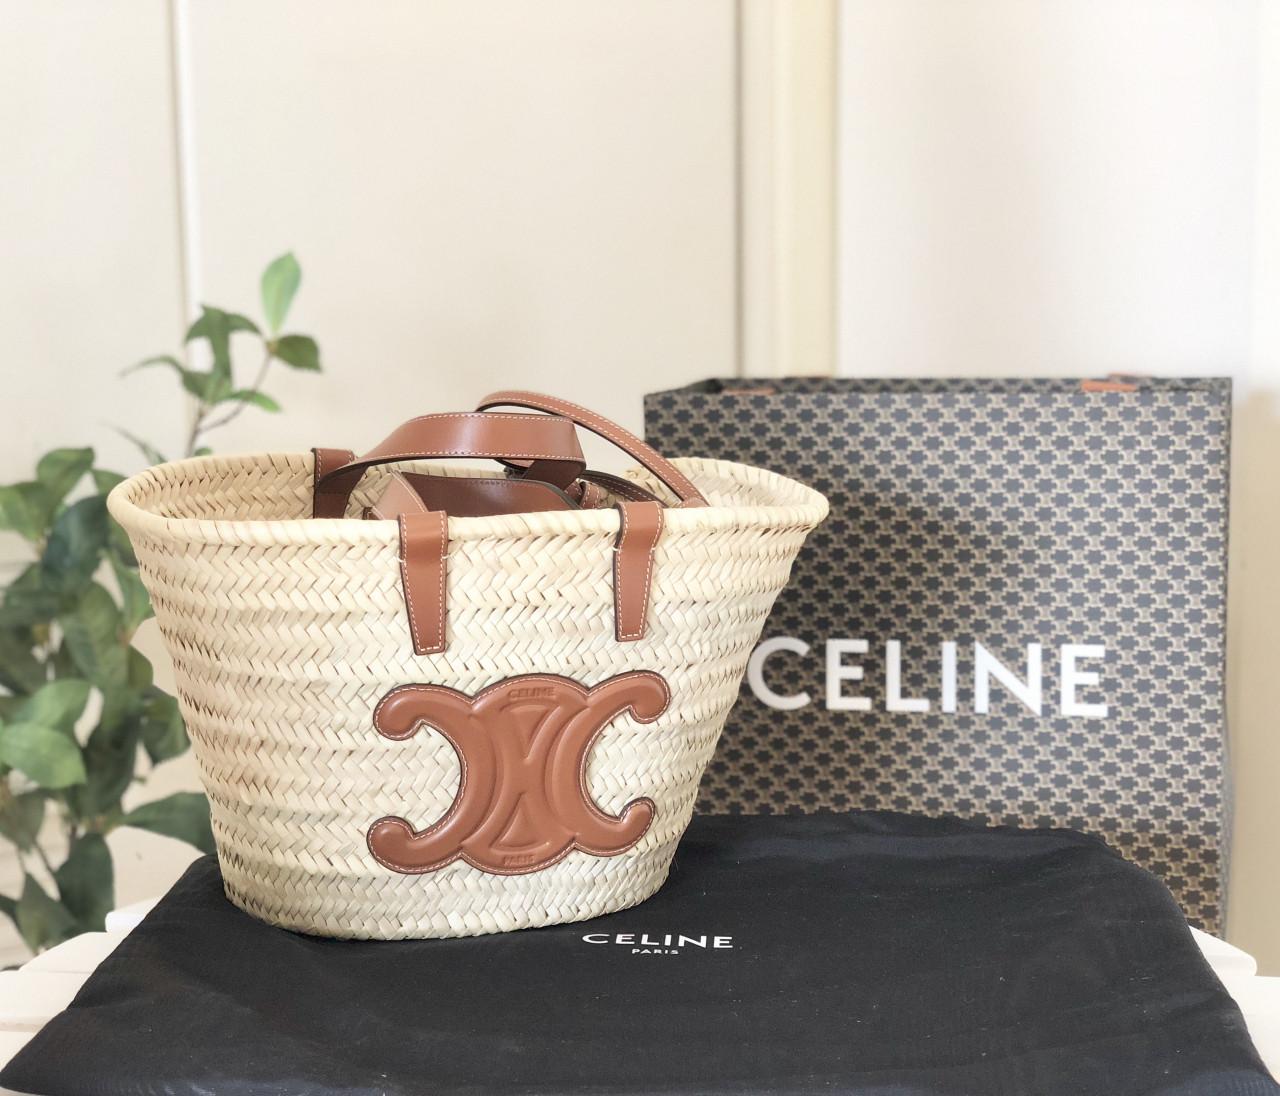 【CELINE】popup先行発売スモールバスケットバッグ